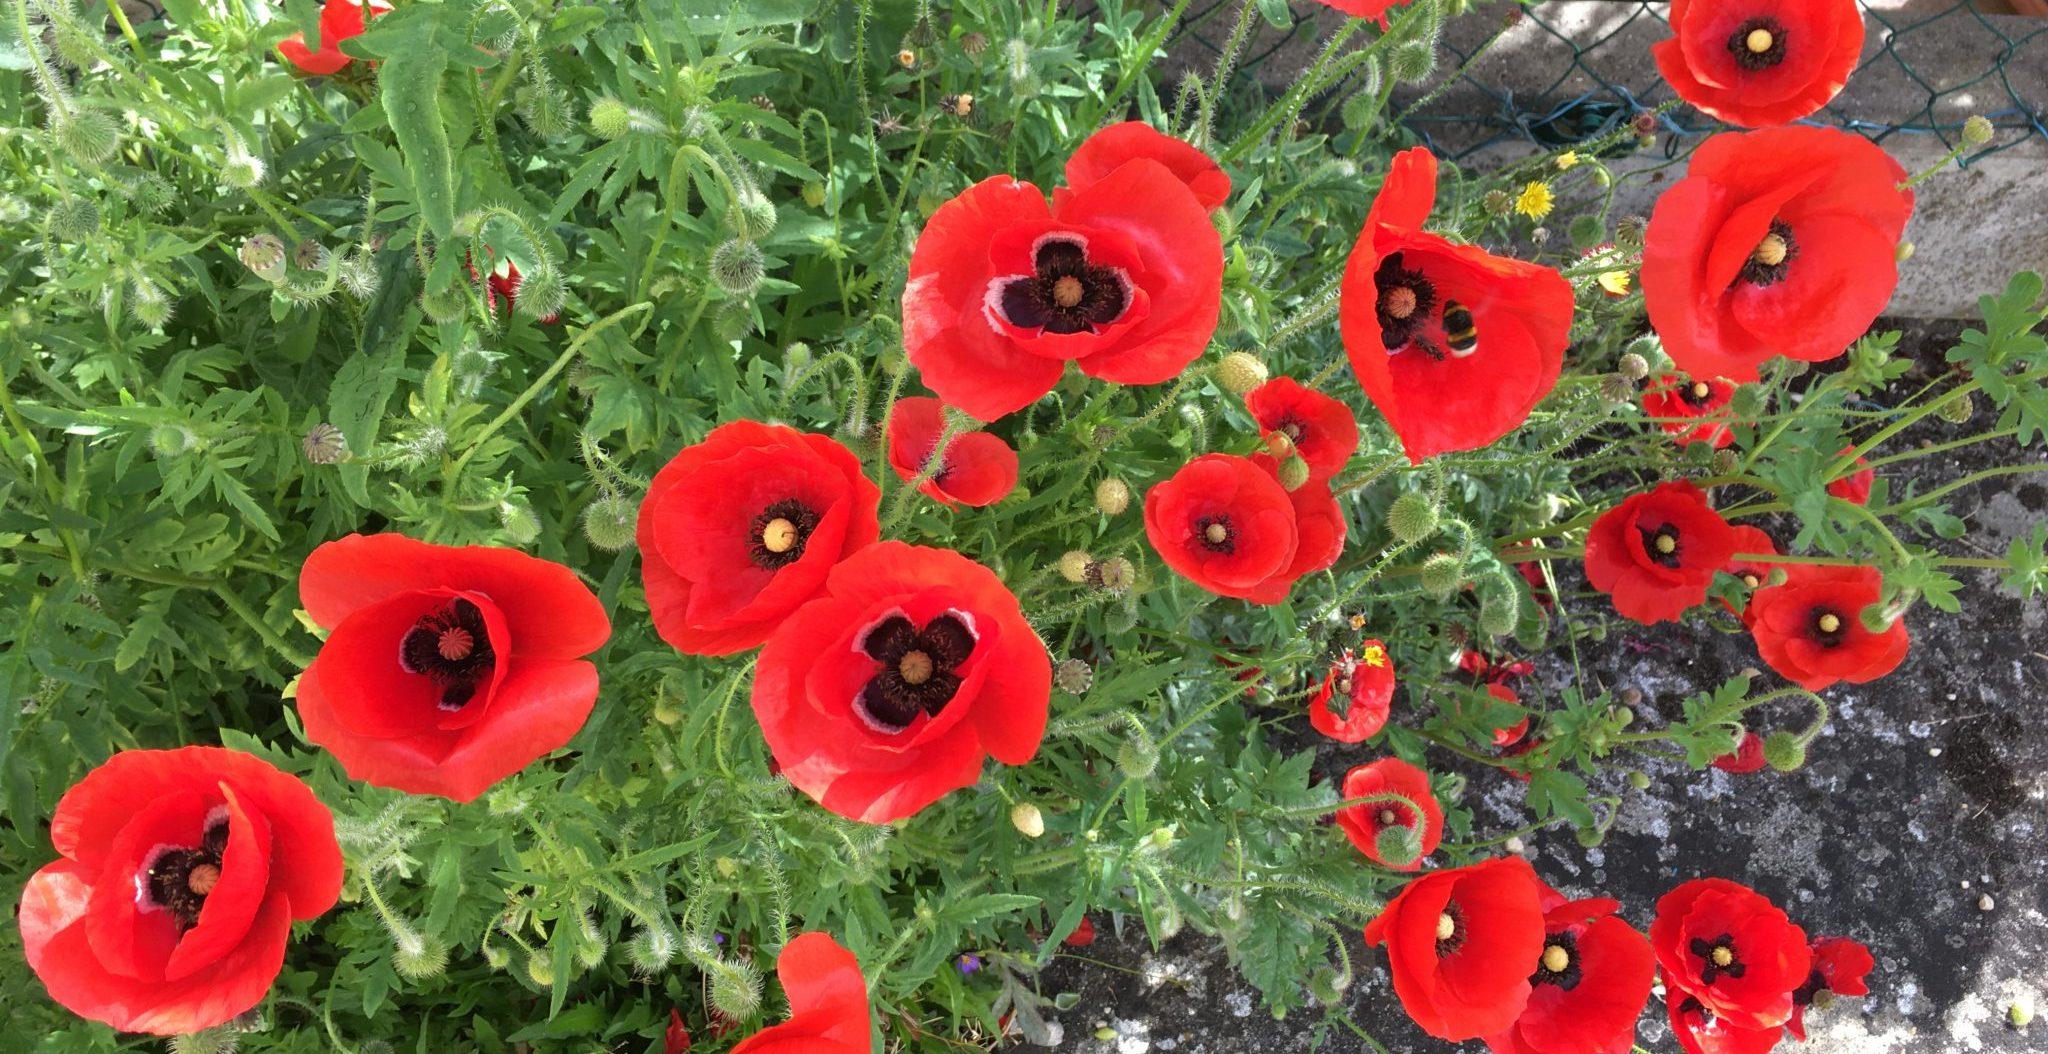 Planter Des Coquelicots Dans Son Jardin les coquelicots reviennent   jardin pratique